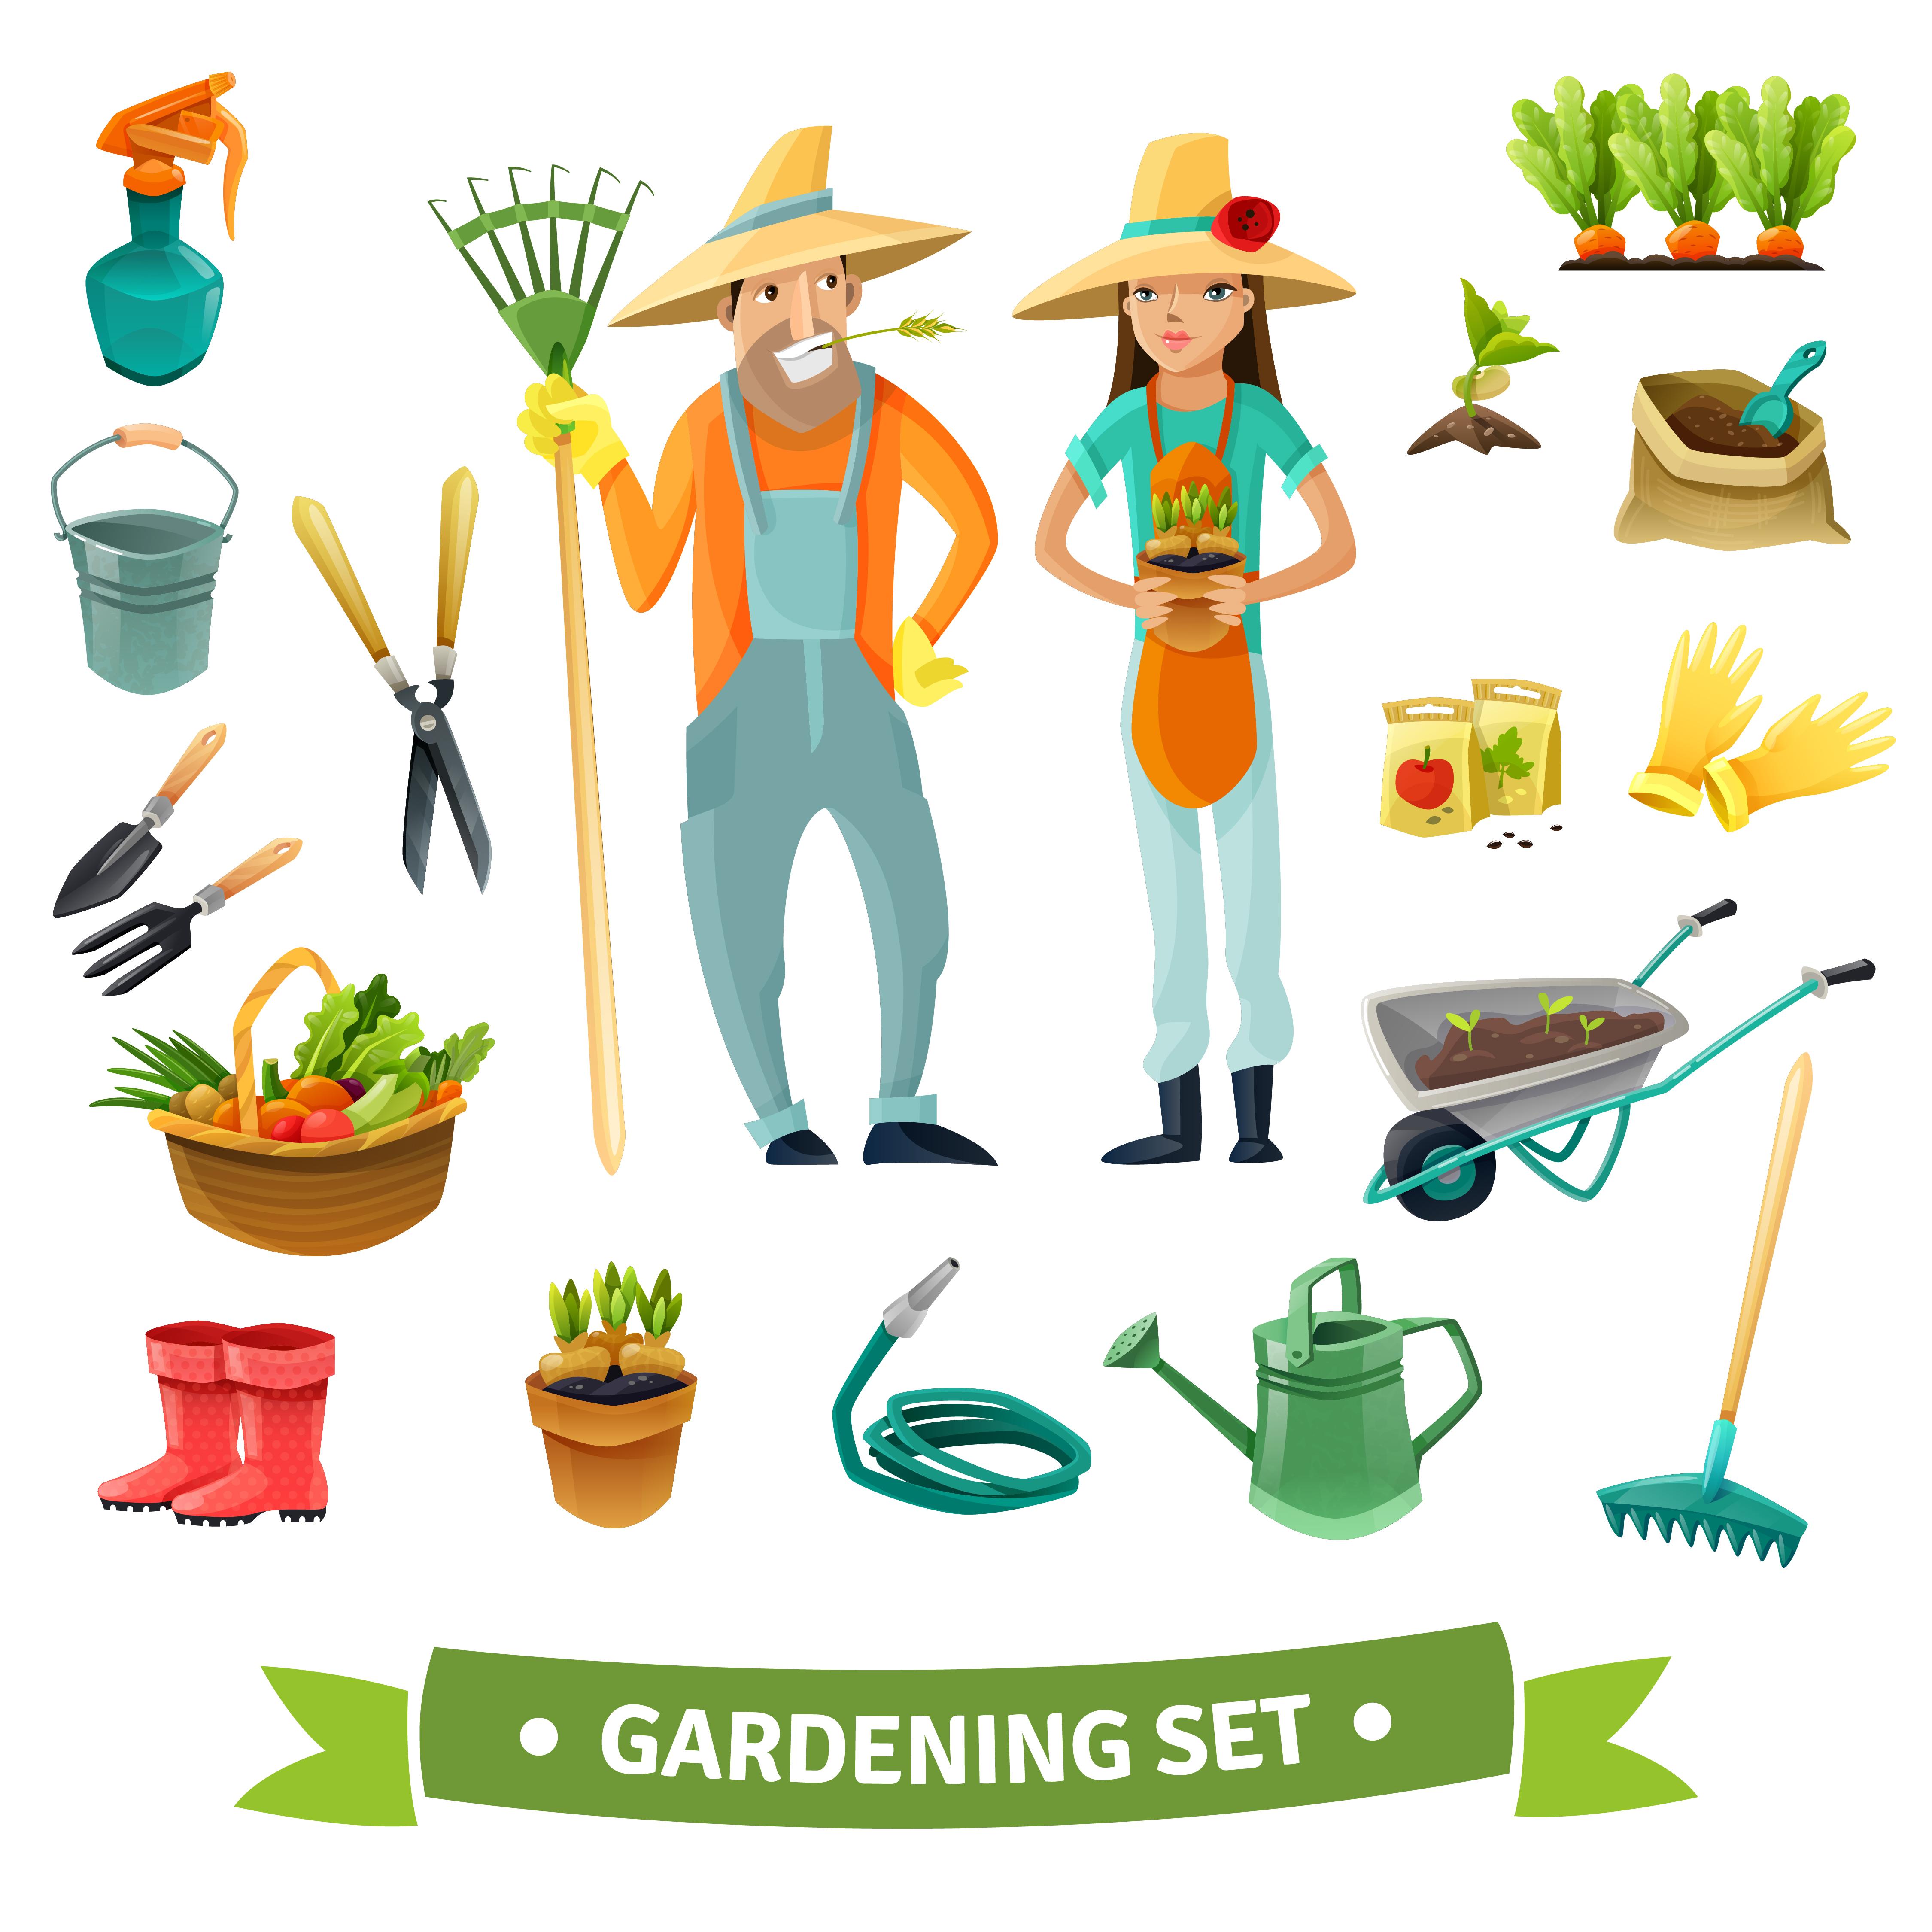 Gardening Cartoon Set Download Free Vectors Clipart Graphics Vector Art